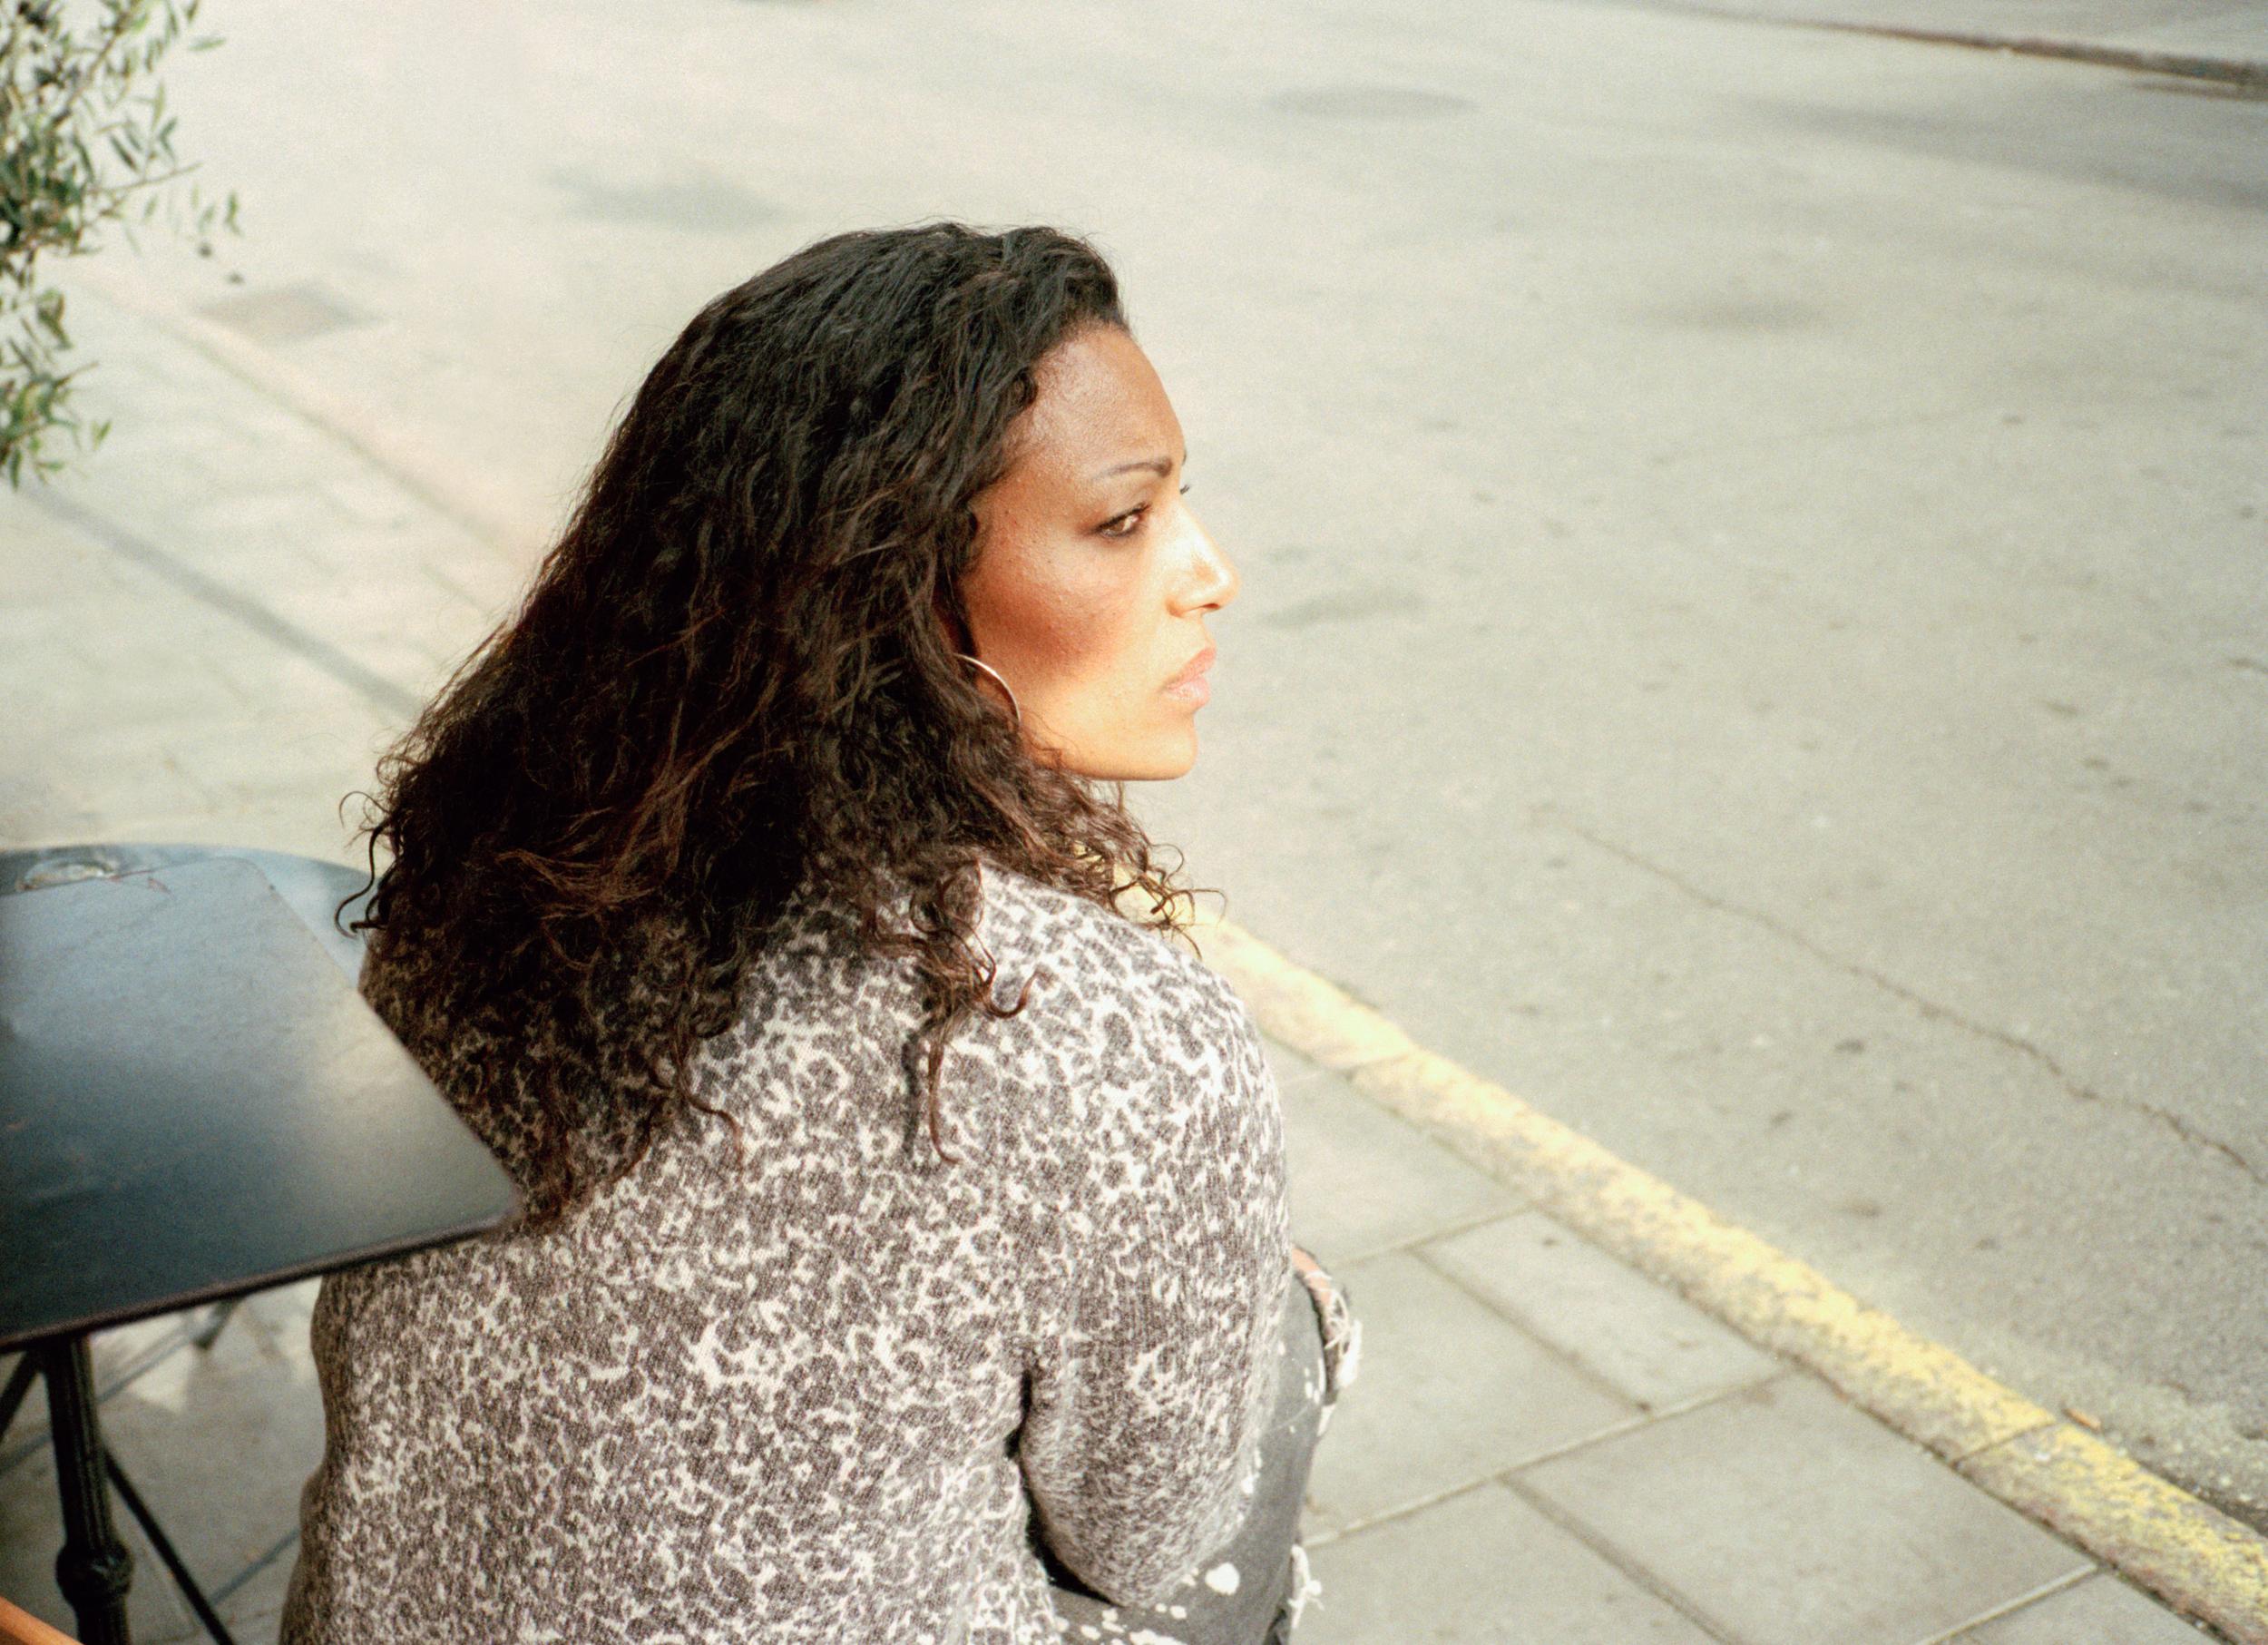 Kvinna nytorget 6.jpg